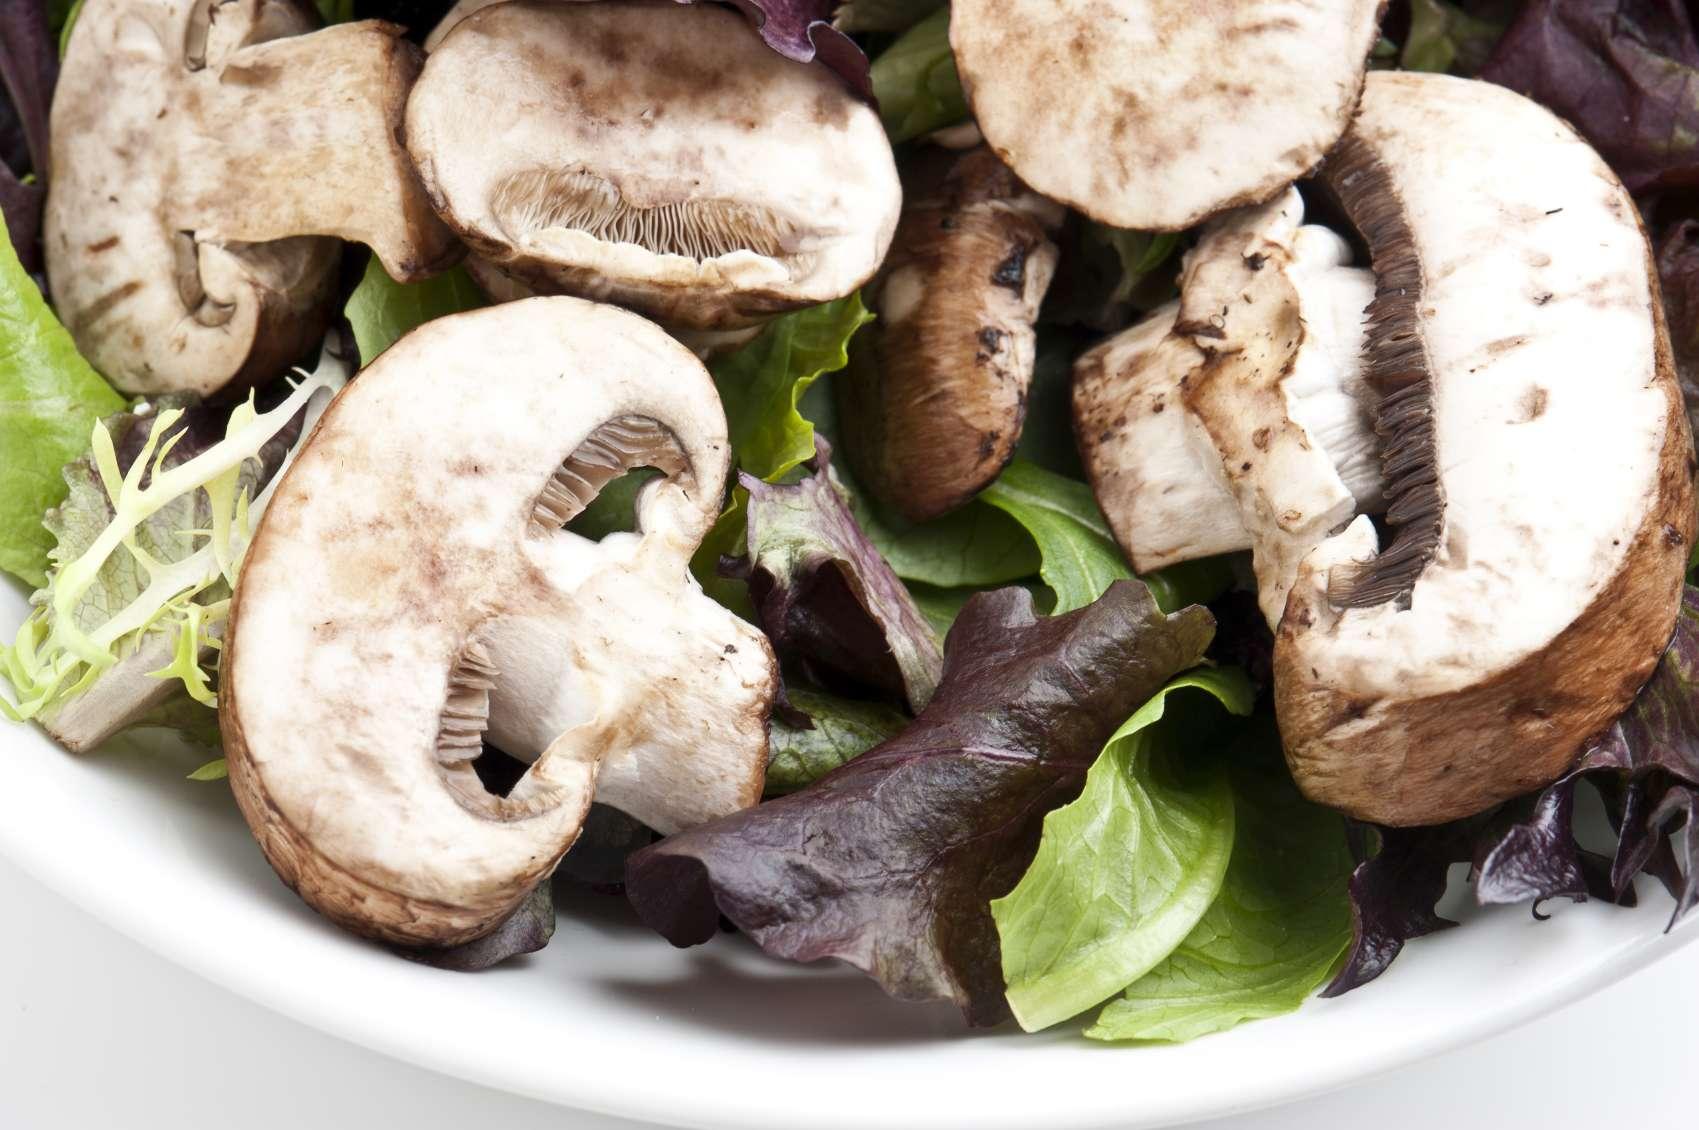 Salade de champignons de paris au parmesan - Salade de champignons frais ...